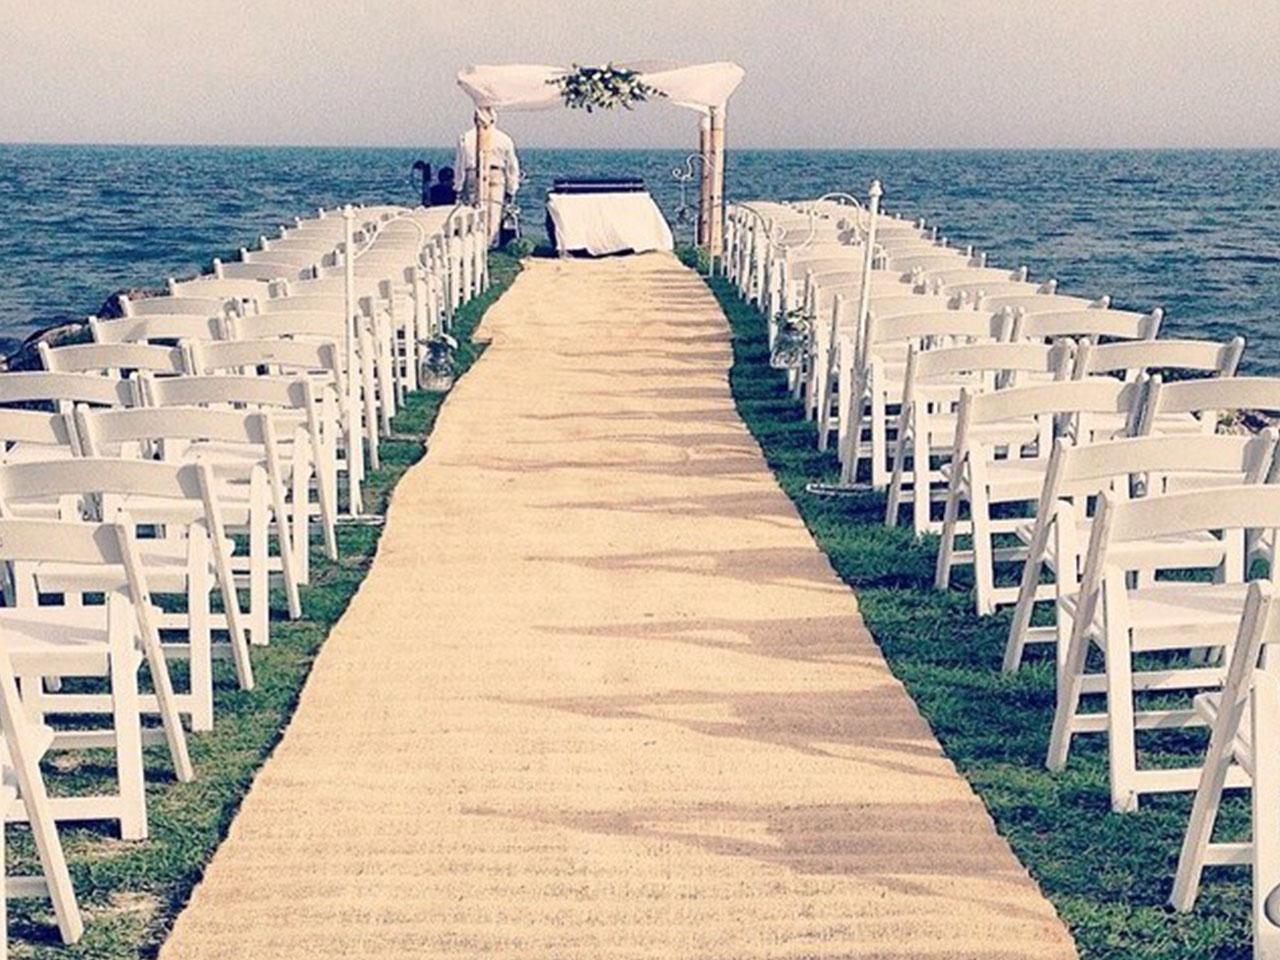 Paquetes de bodas en la playa - boda religiosa